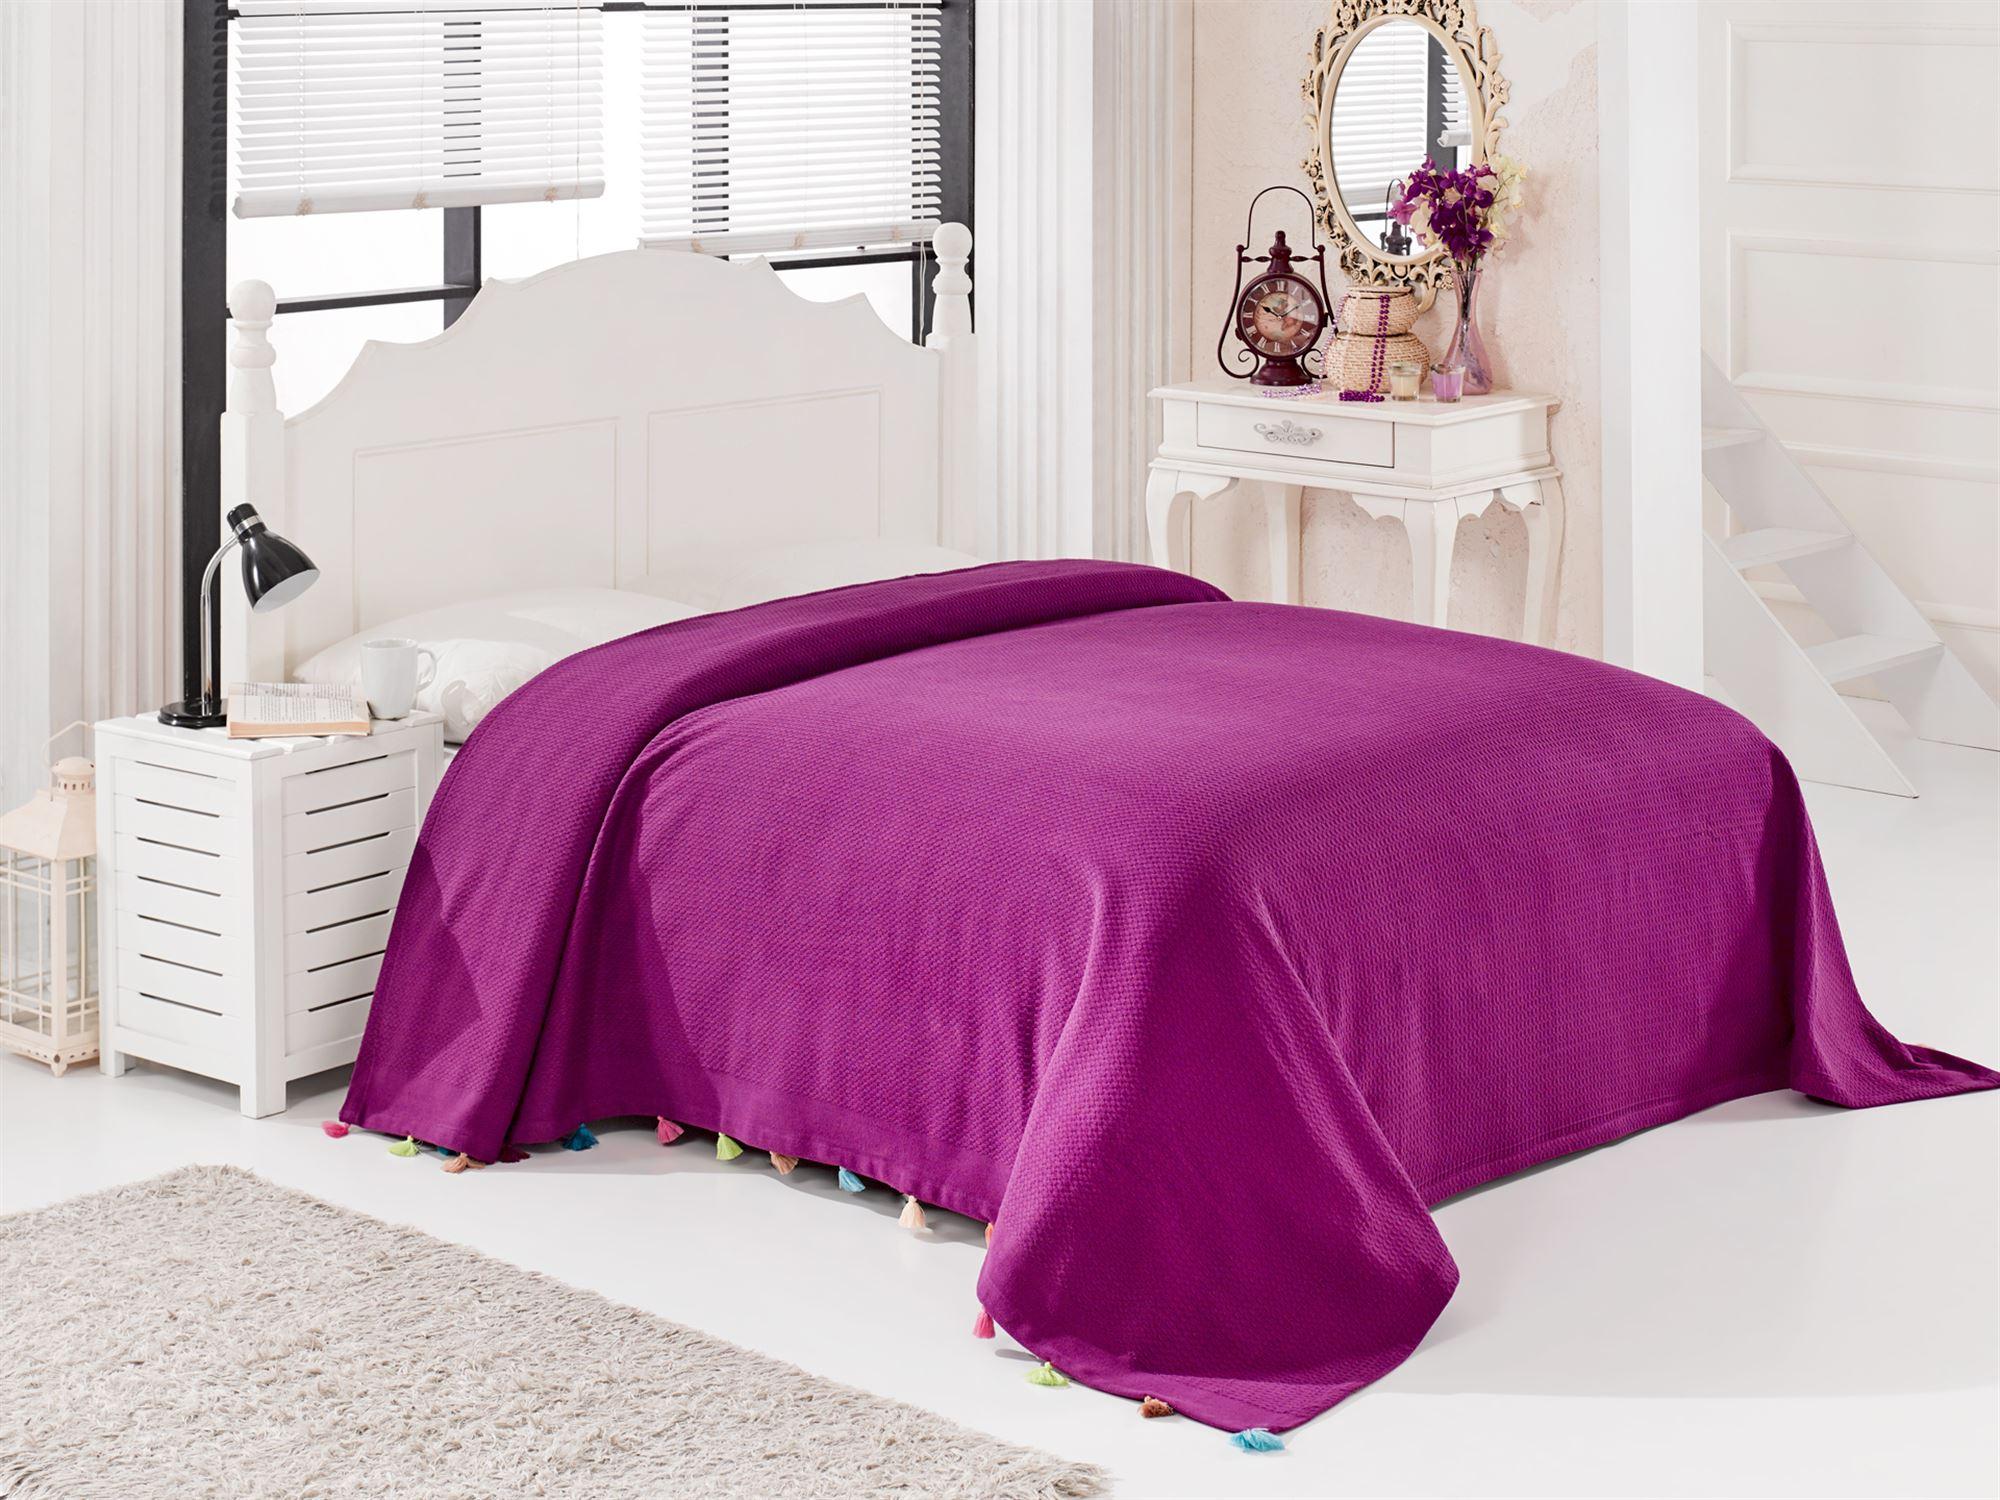 Купить Пледы и покрывала DO'n'CO, Покрывало Pop Цвет: Фиолетовый (230х240 см), Турция, Бордовый, Пике из хлопка